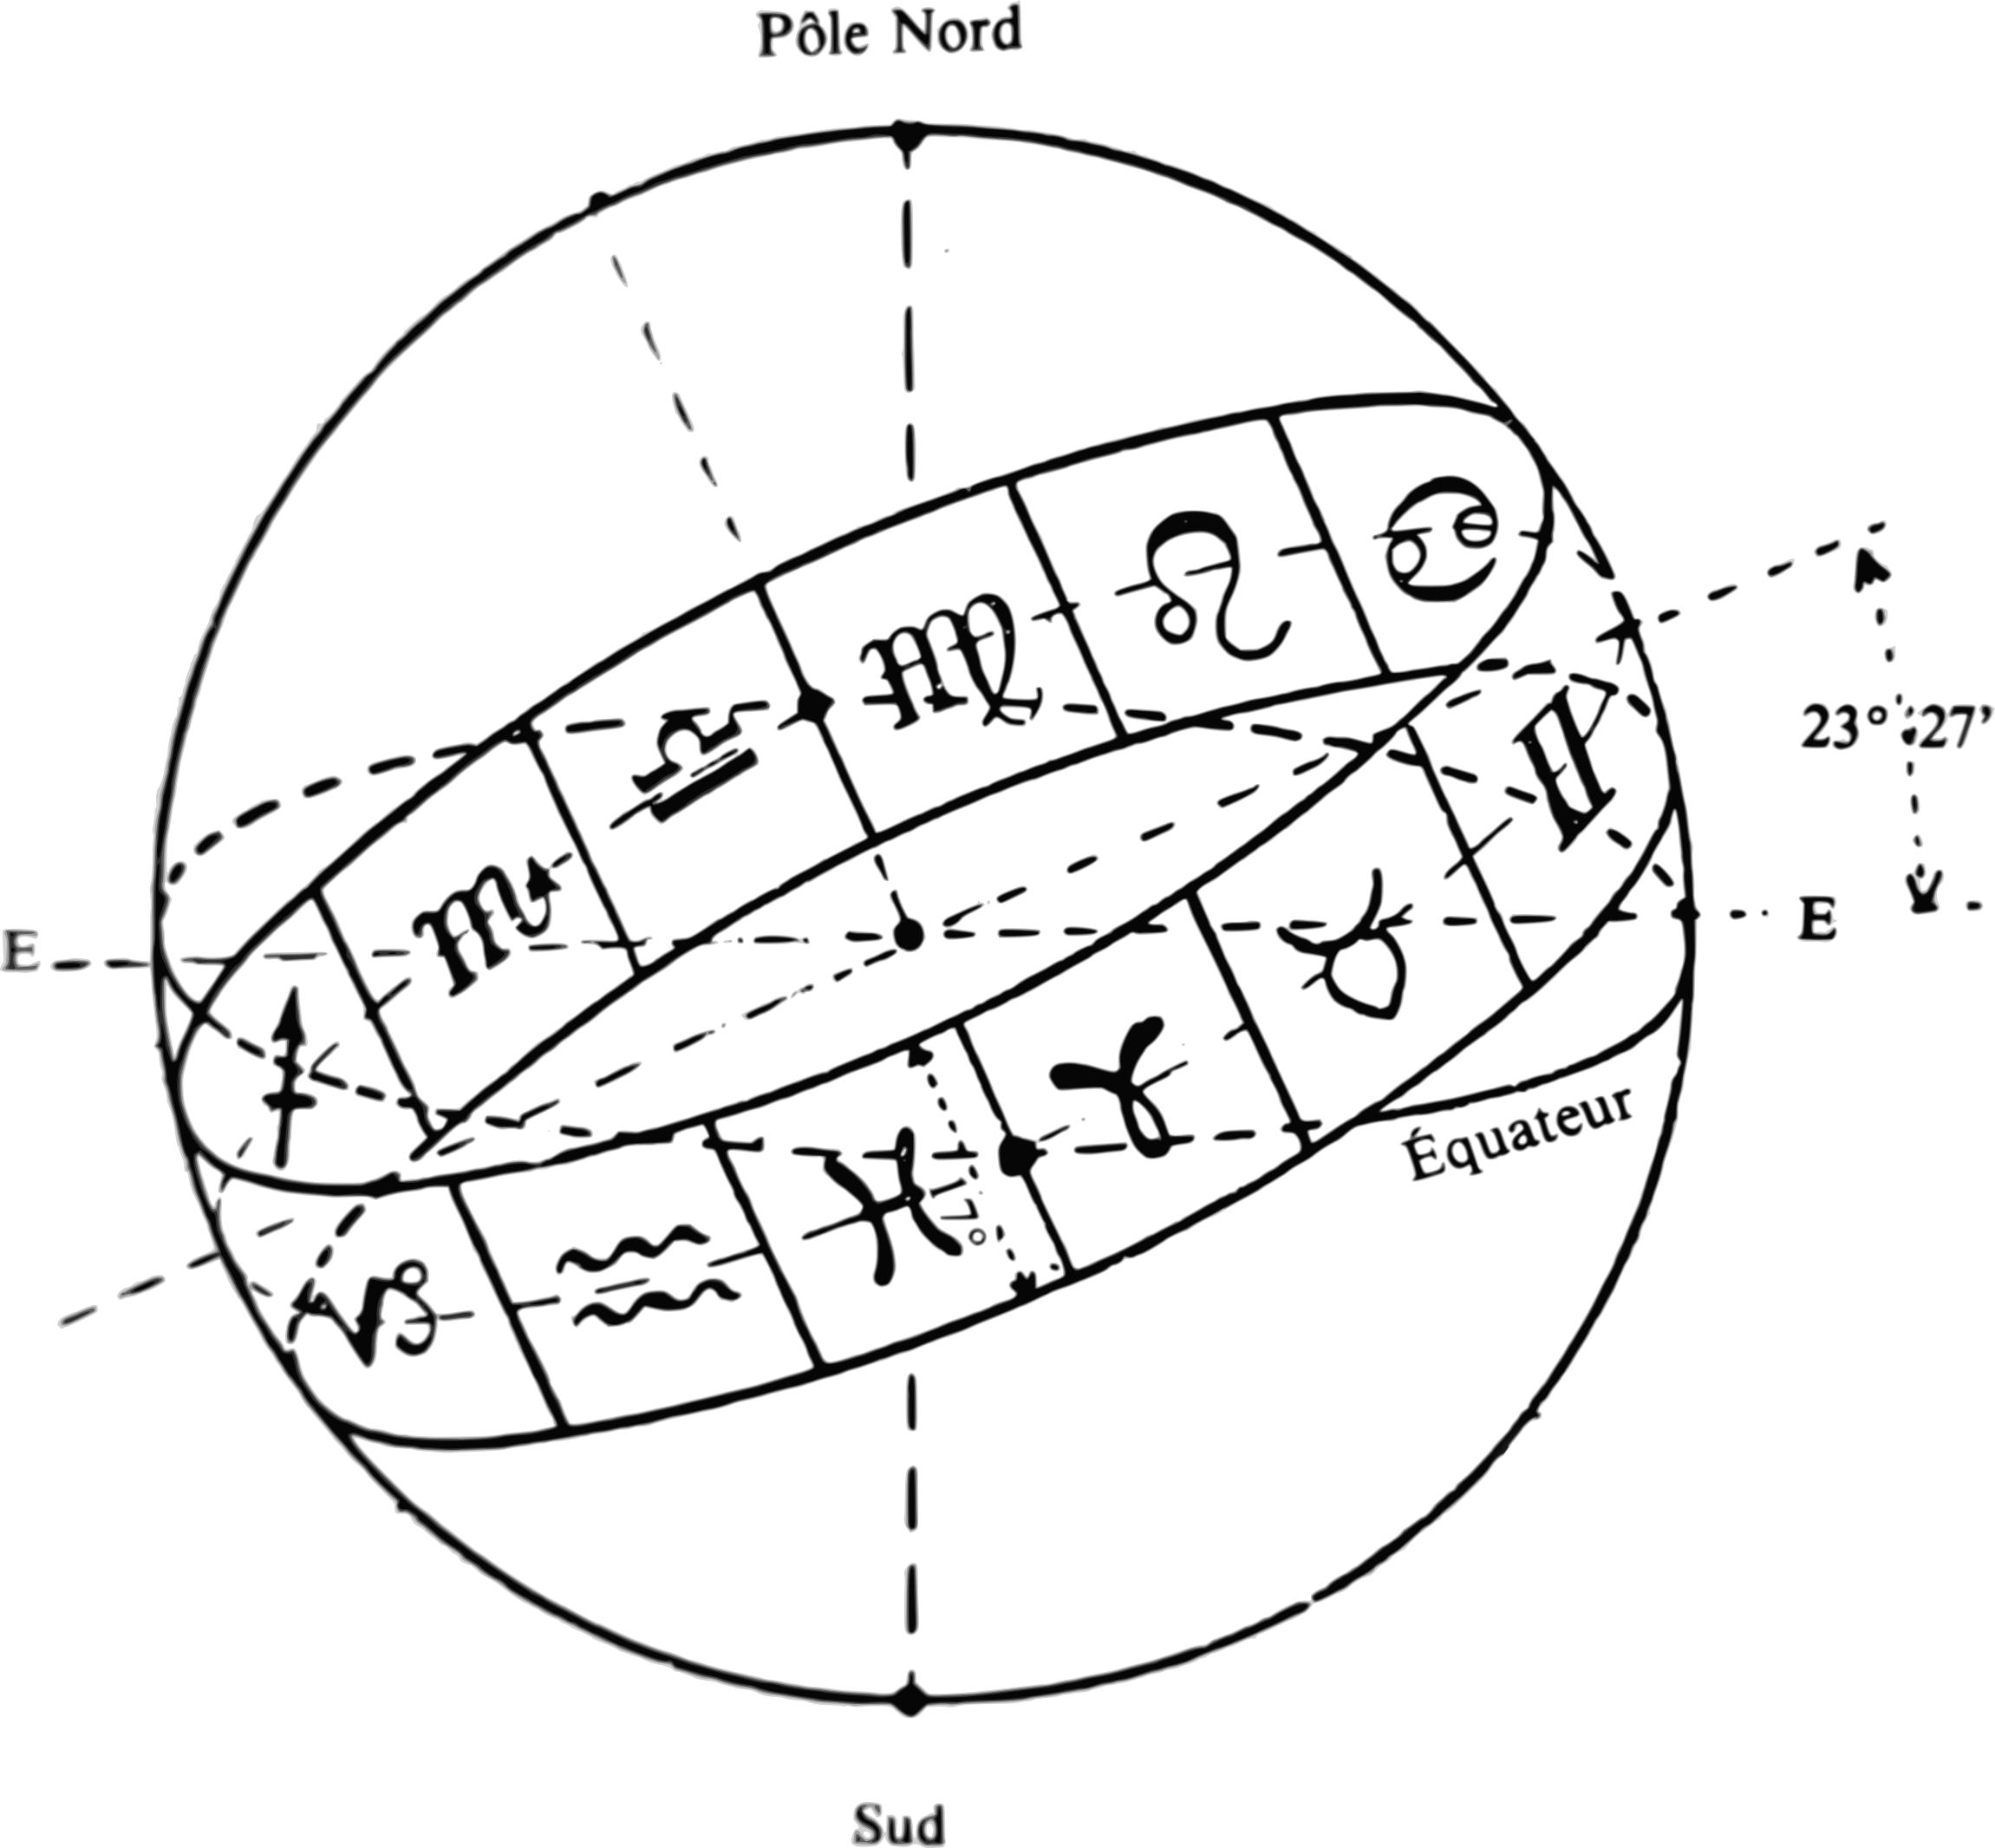 L'écliptique et la bande du zodiaque